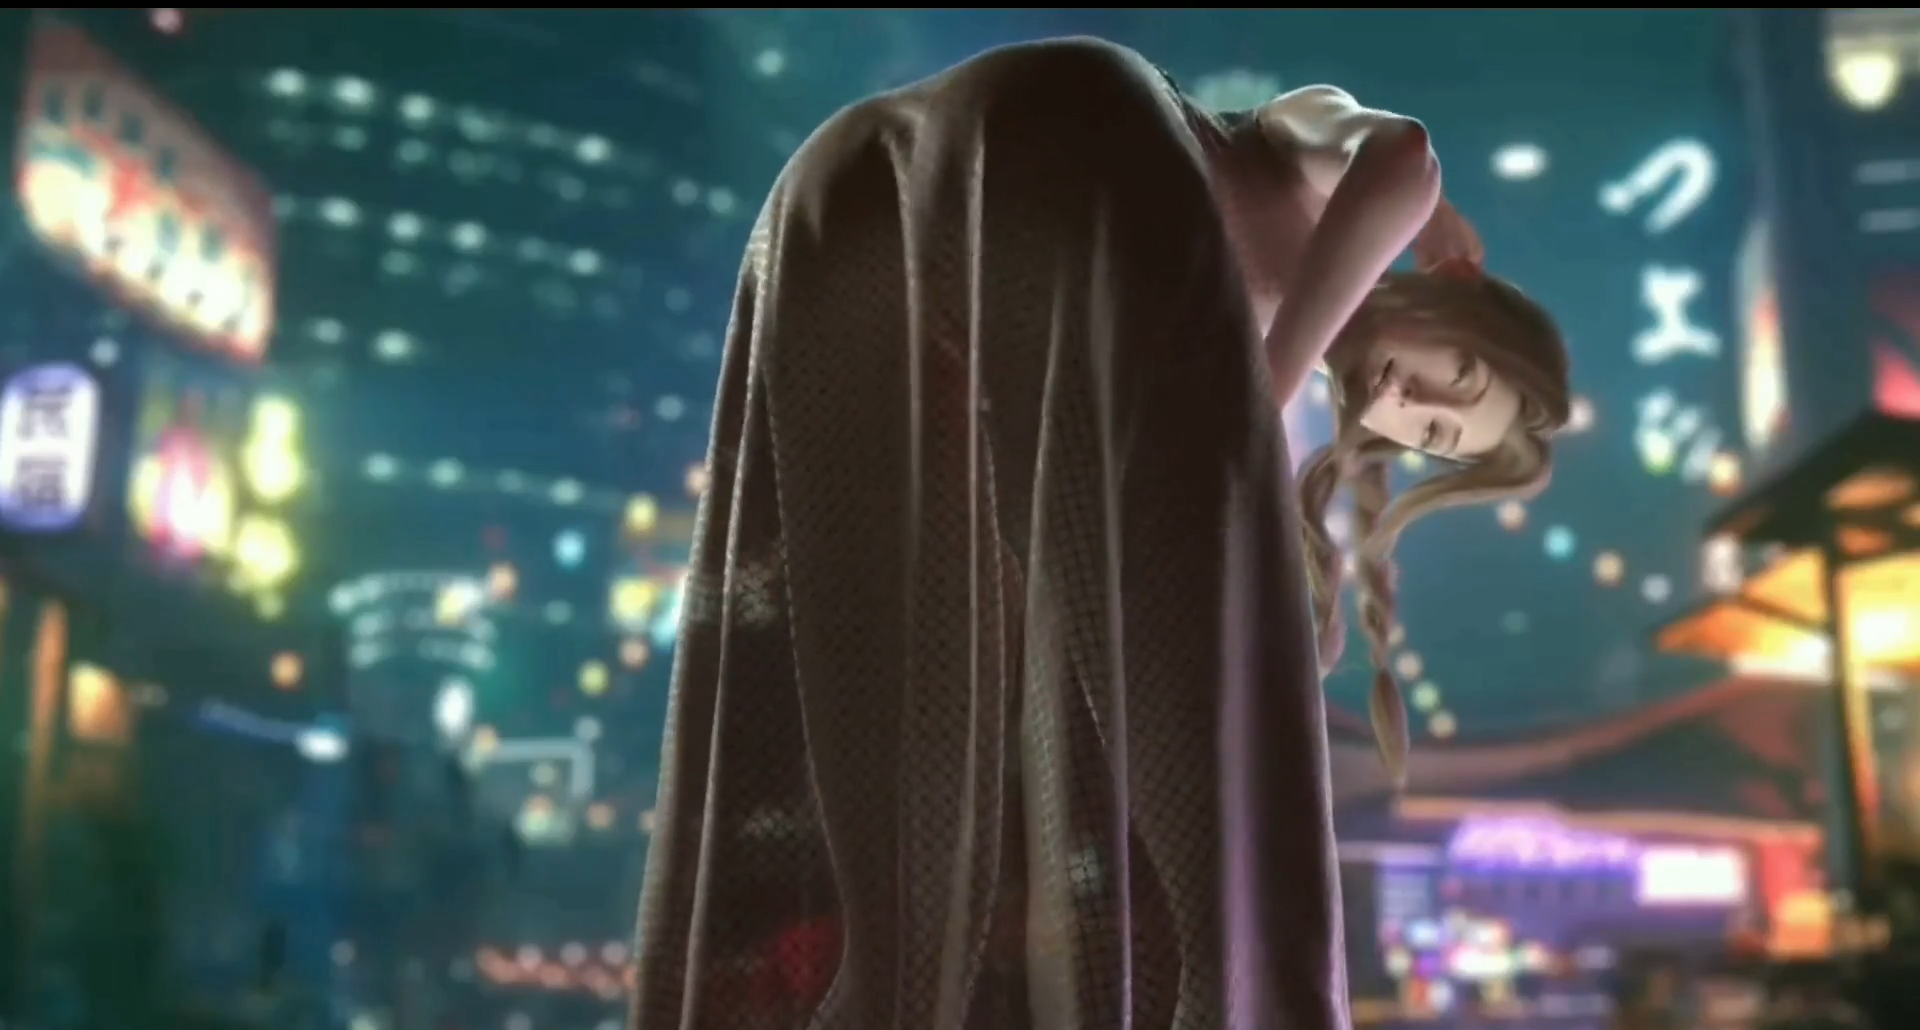 《蒂法&爱丽丝~最终幻想7重置:超写实3D步兵同人1080HD版》/动漫